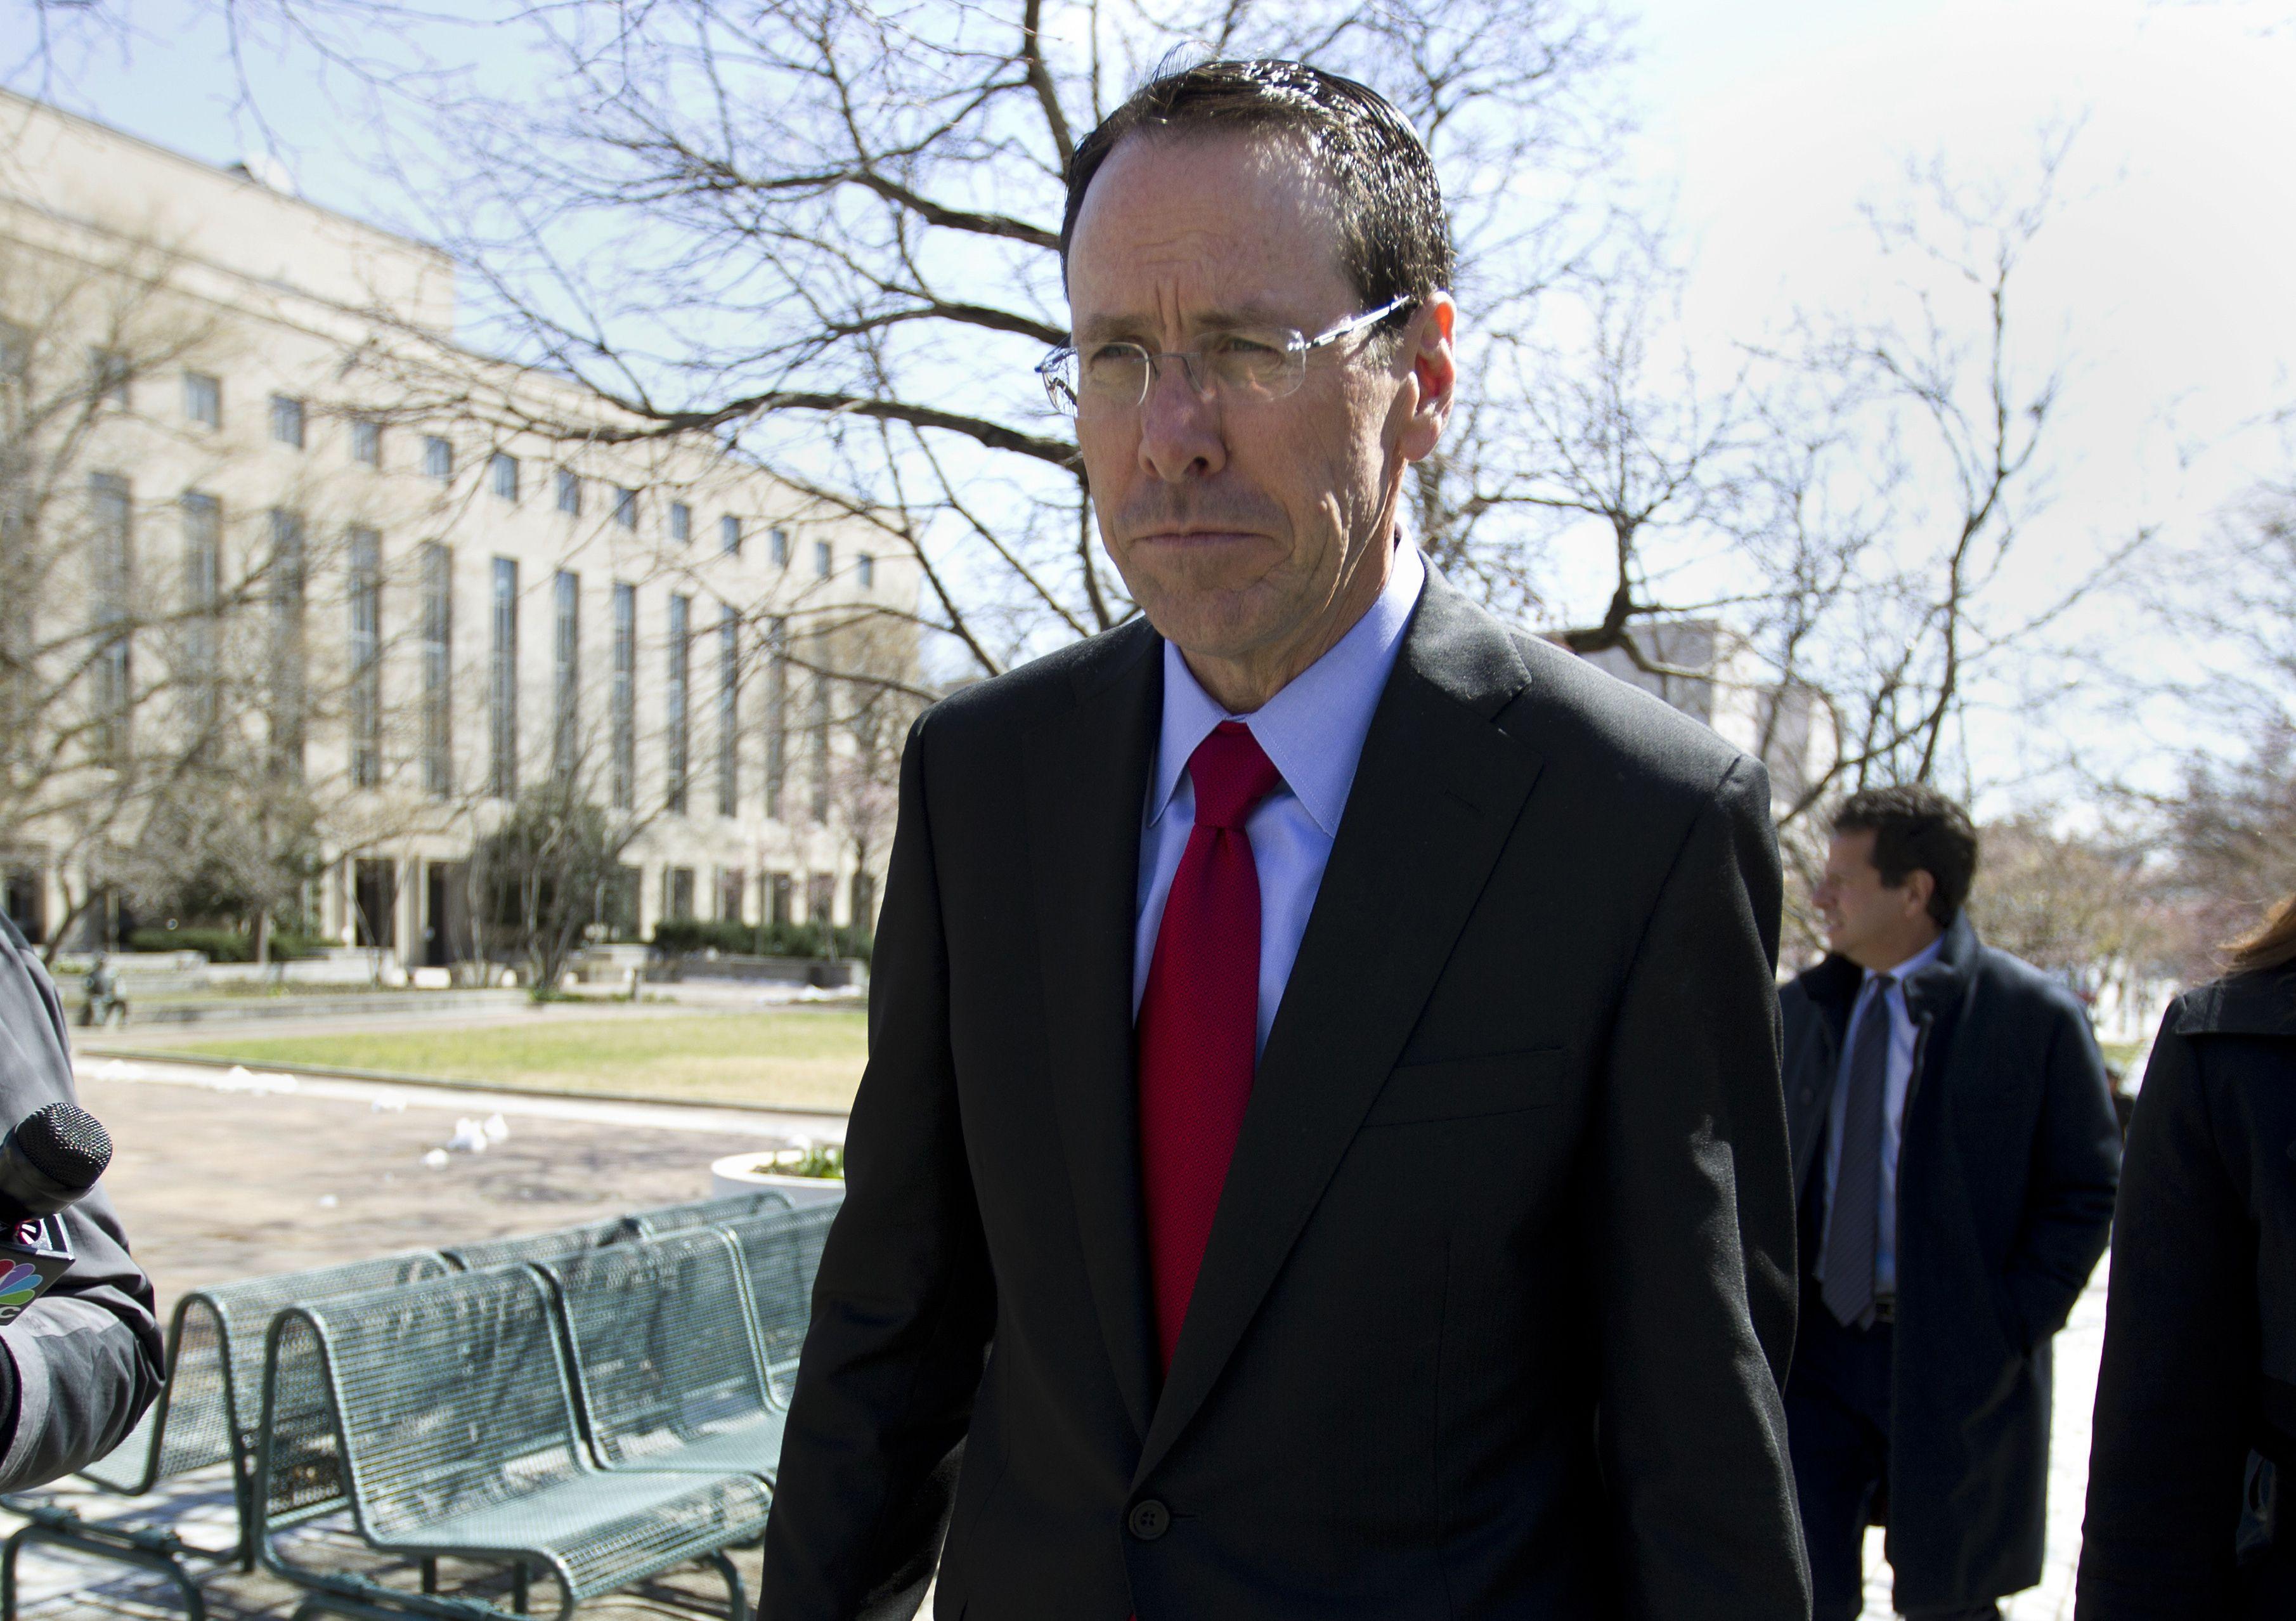 Cabildero dejará AT&T tras contratación de abogado de Trump - Colombia